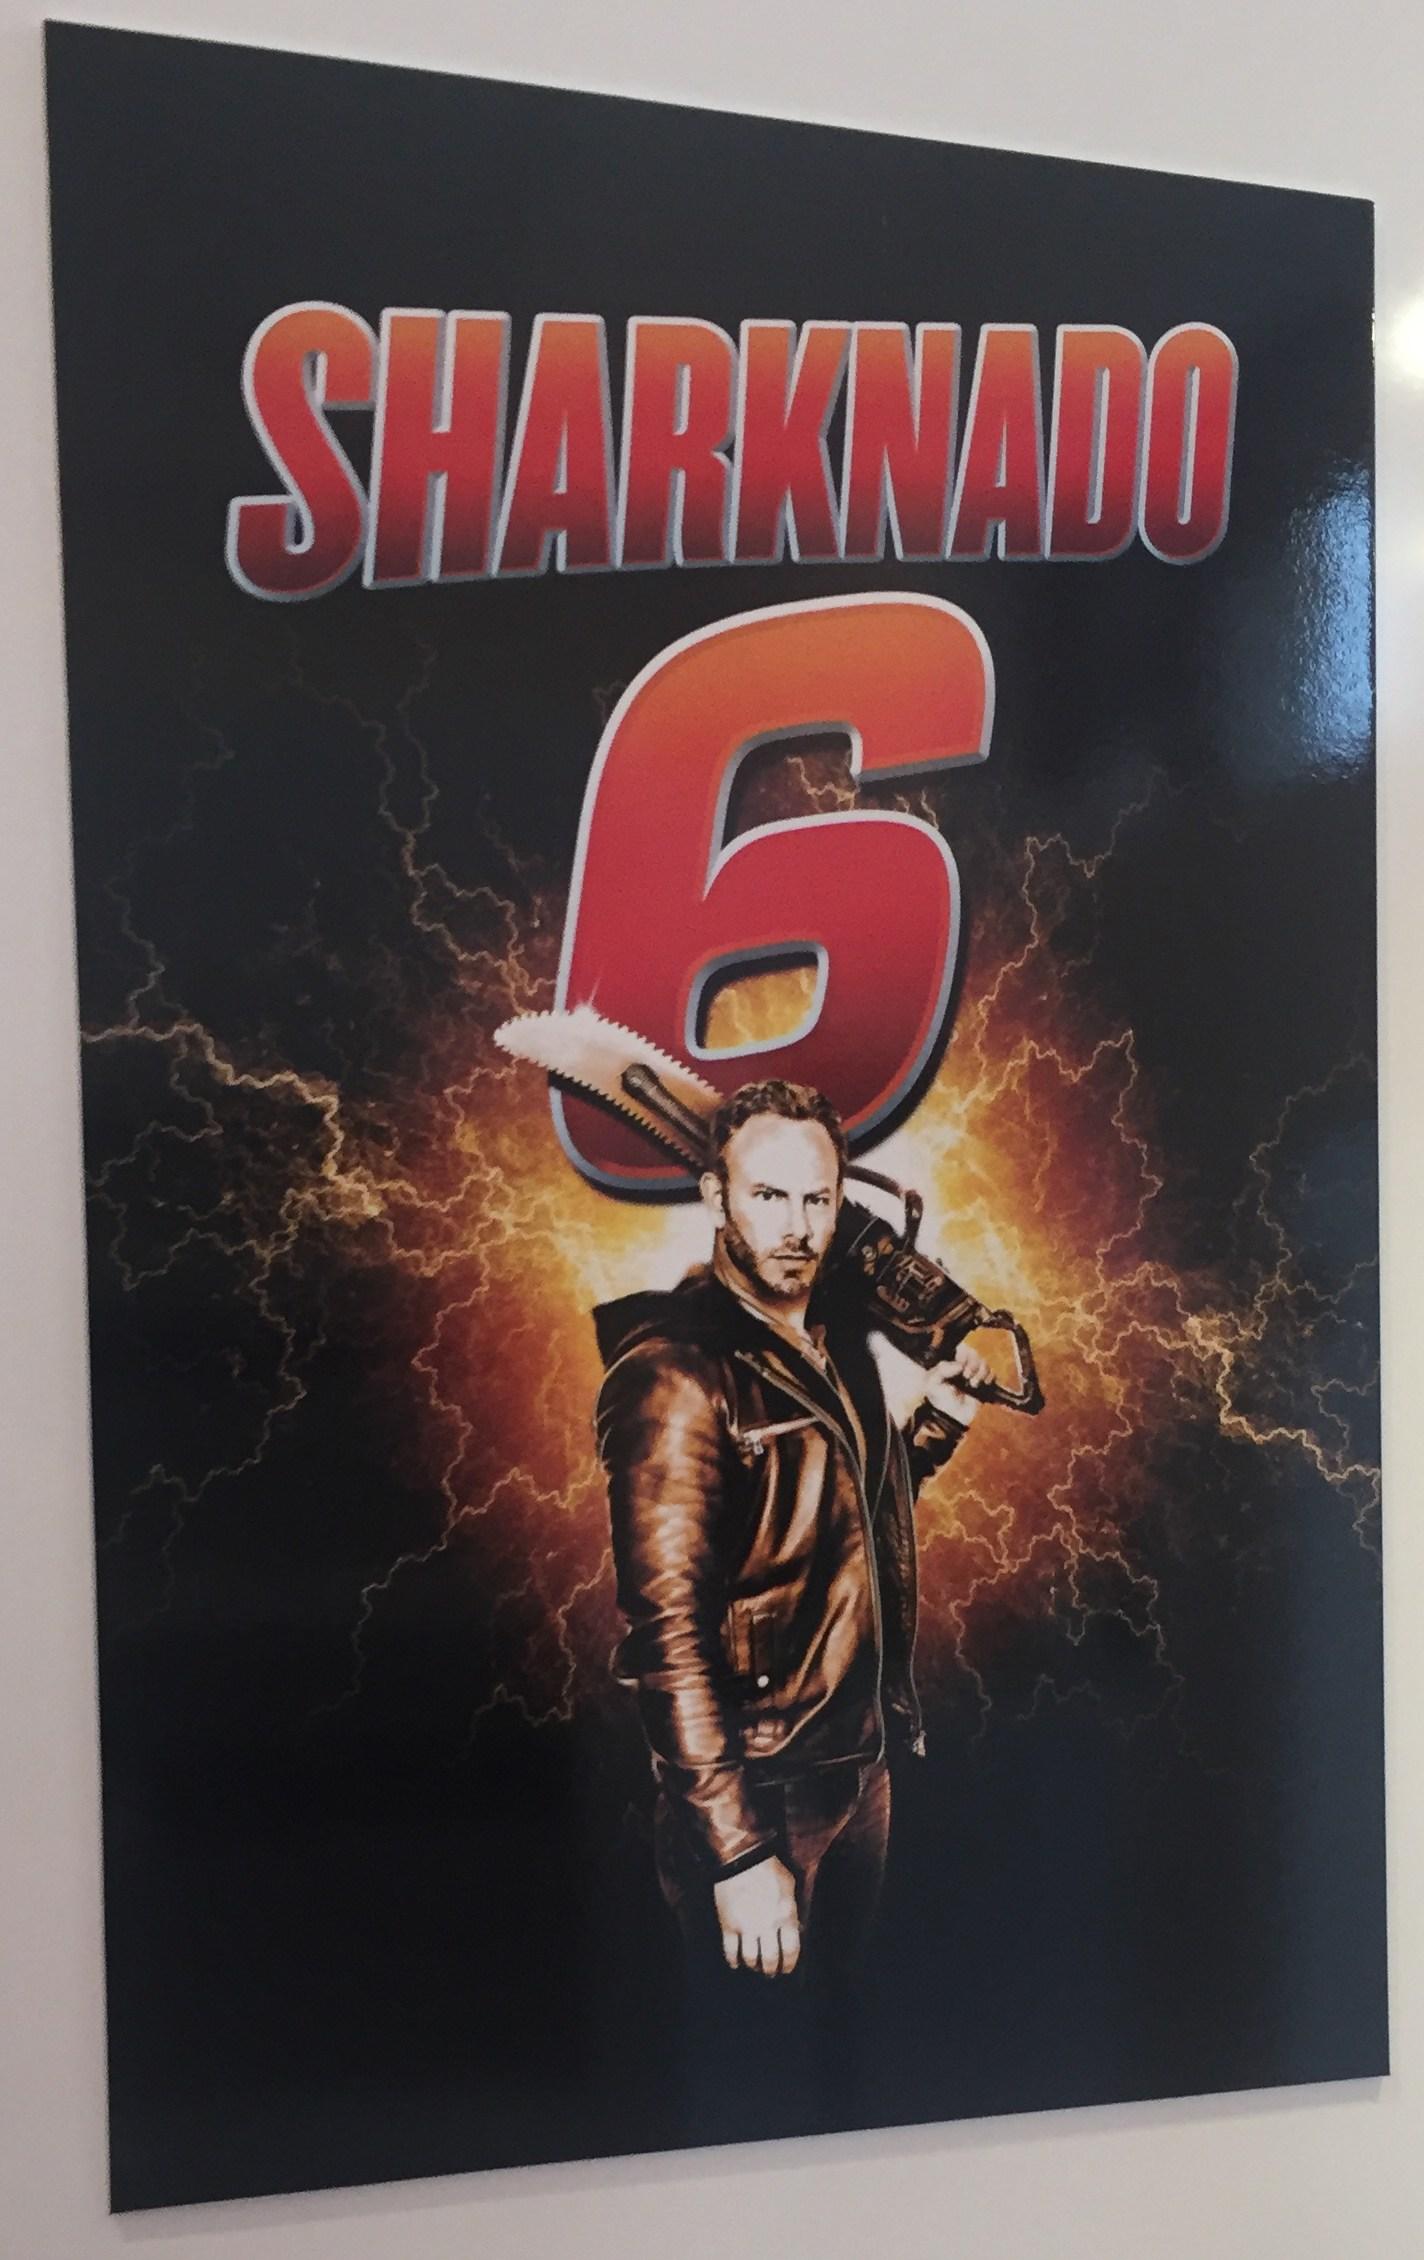 [Jeu] Suite d'images !  - Page 15 Sharknado-6-poster_j15a